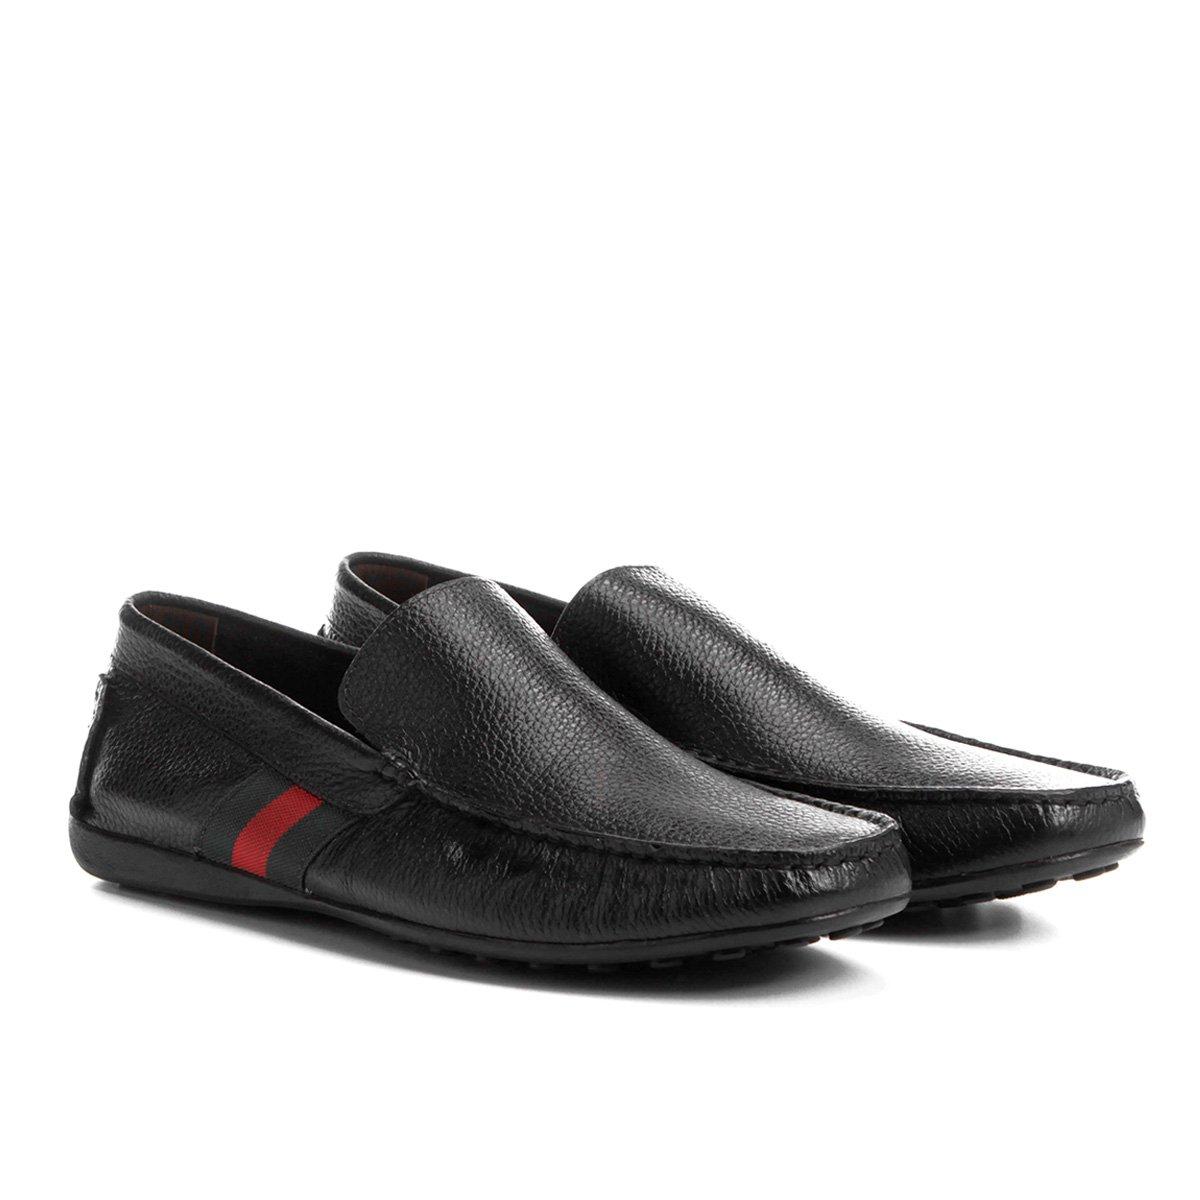 40e3b63949 Mocassim Couro Shoestock Gorgurão Lateral Masculino - Compre Agora ...